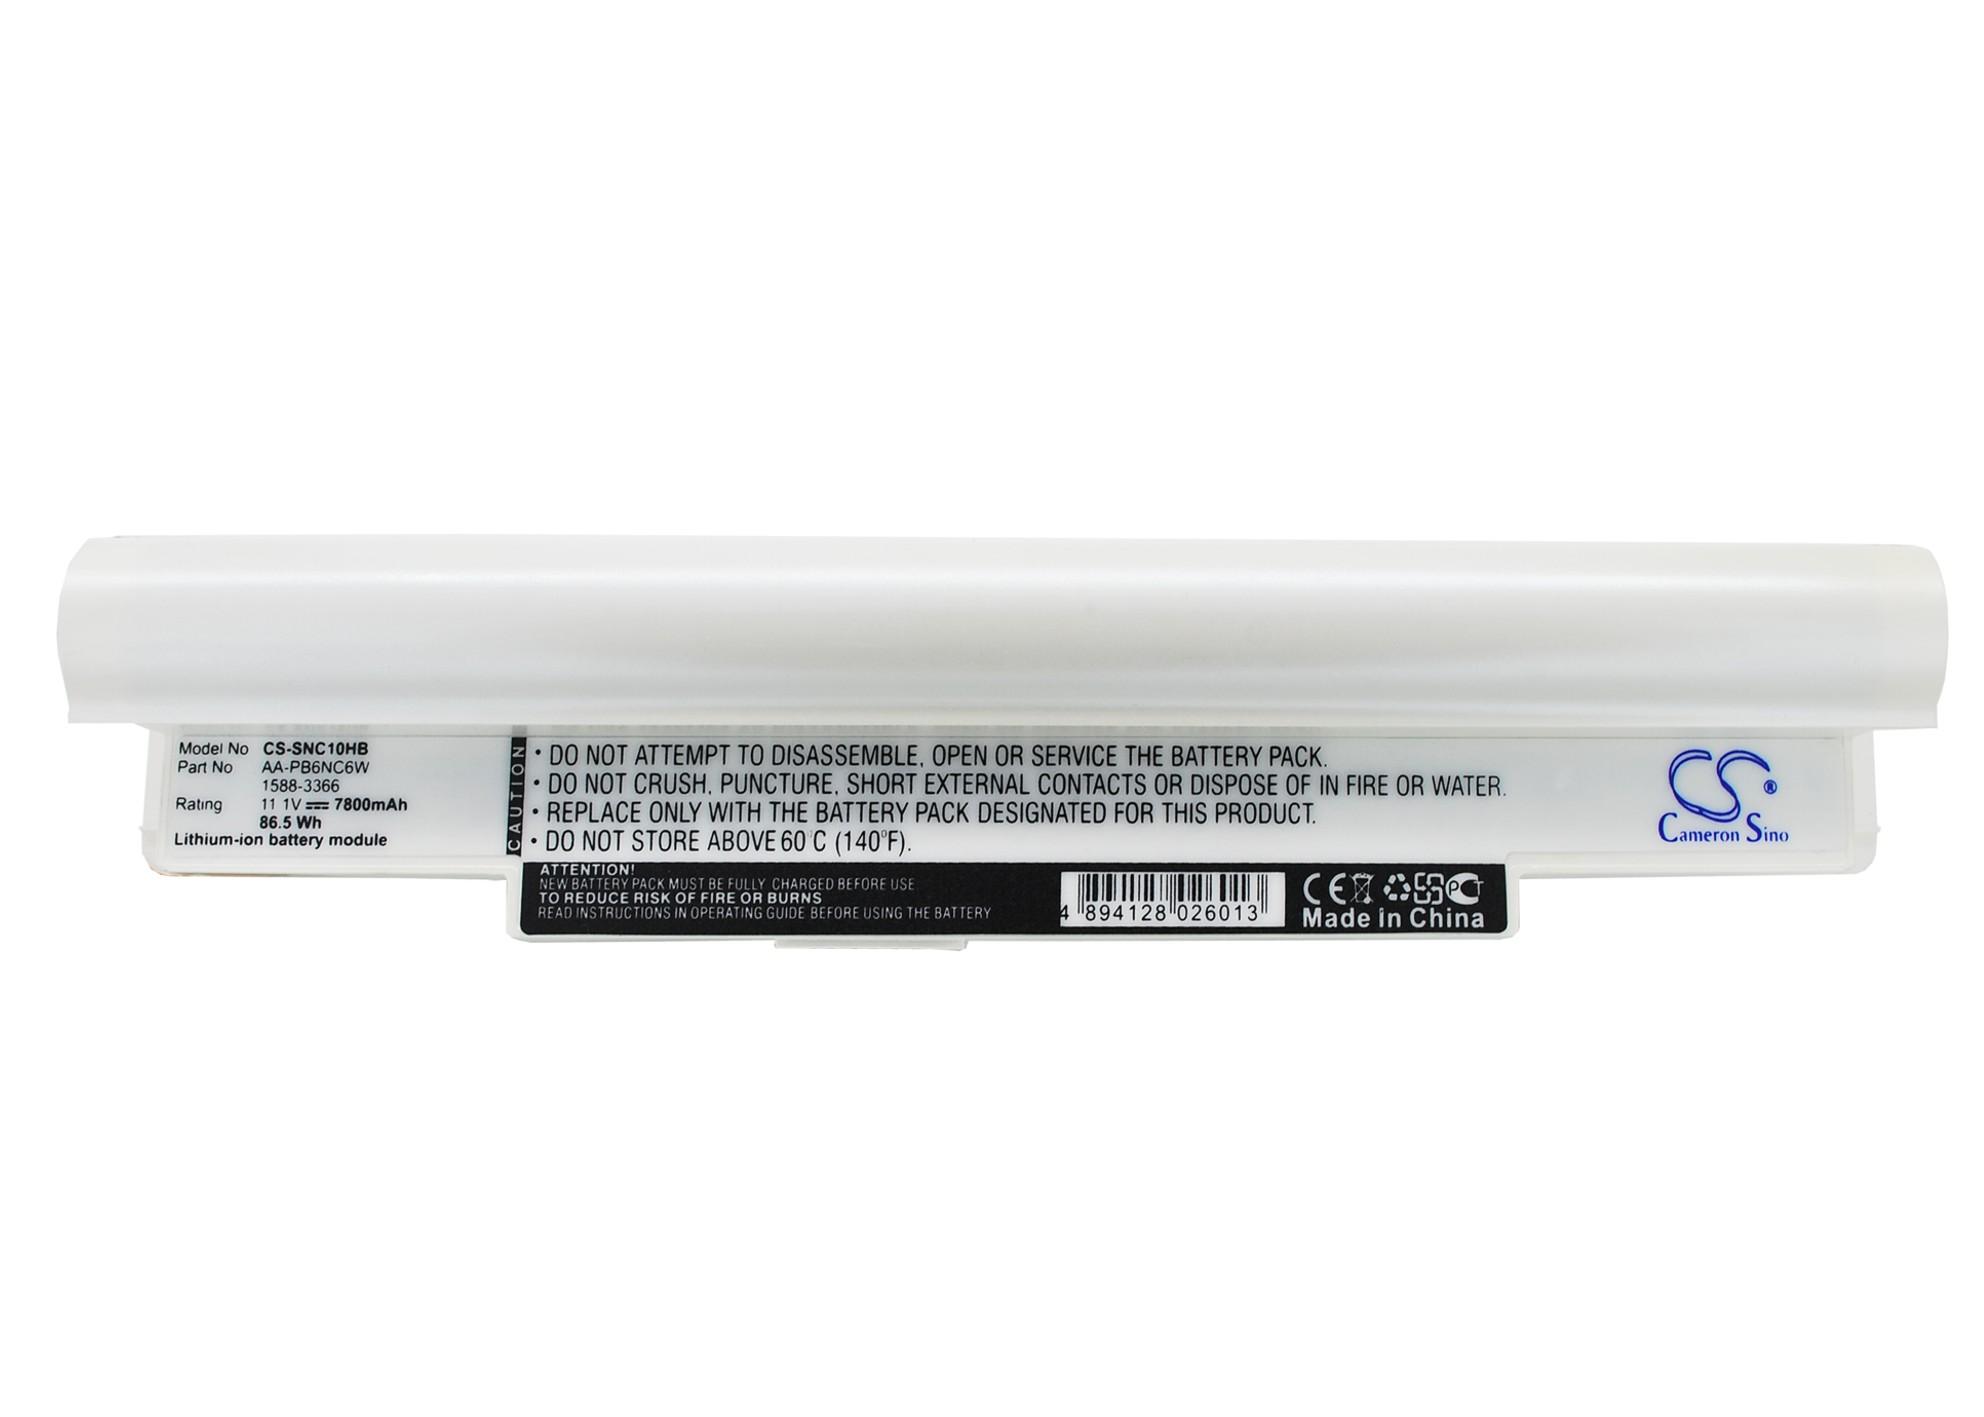 Cameron Sino baterie do notebooků pro SAMSUNG NP-NC10-KA02UK 11.1V Li-ion 7800mAh bílá - neoriginální